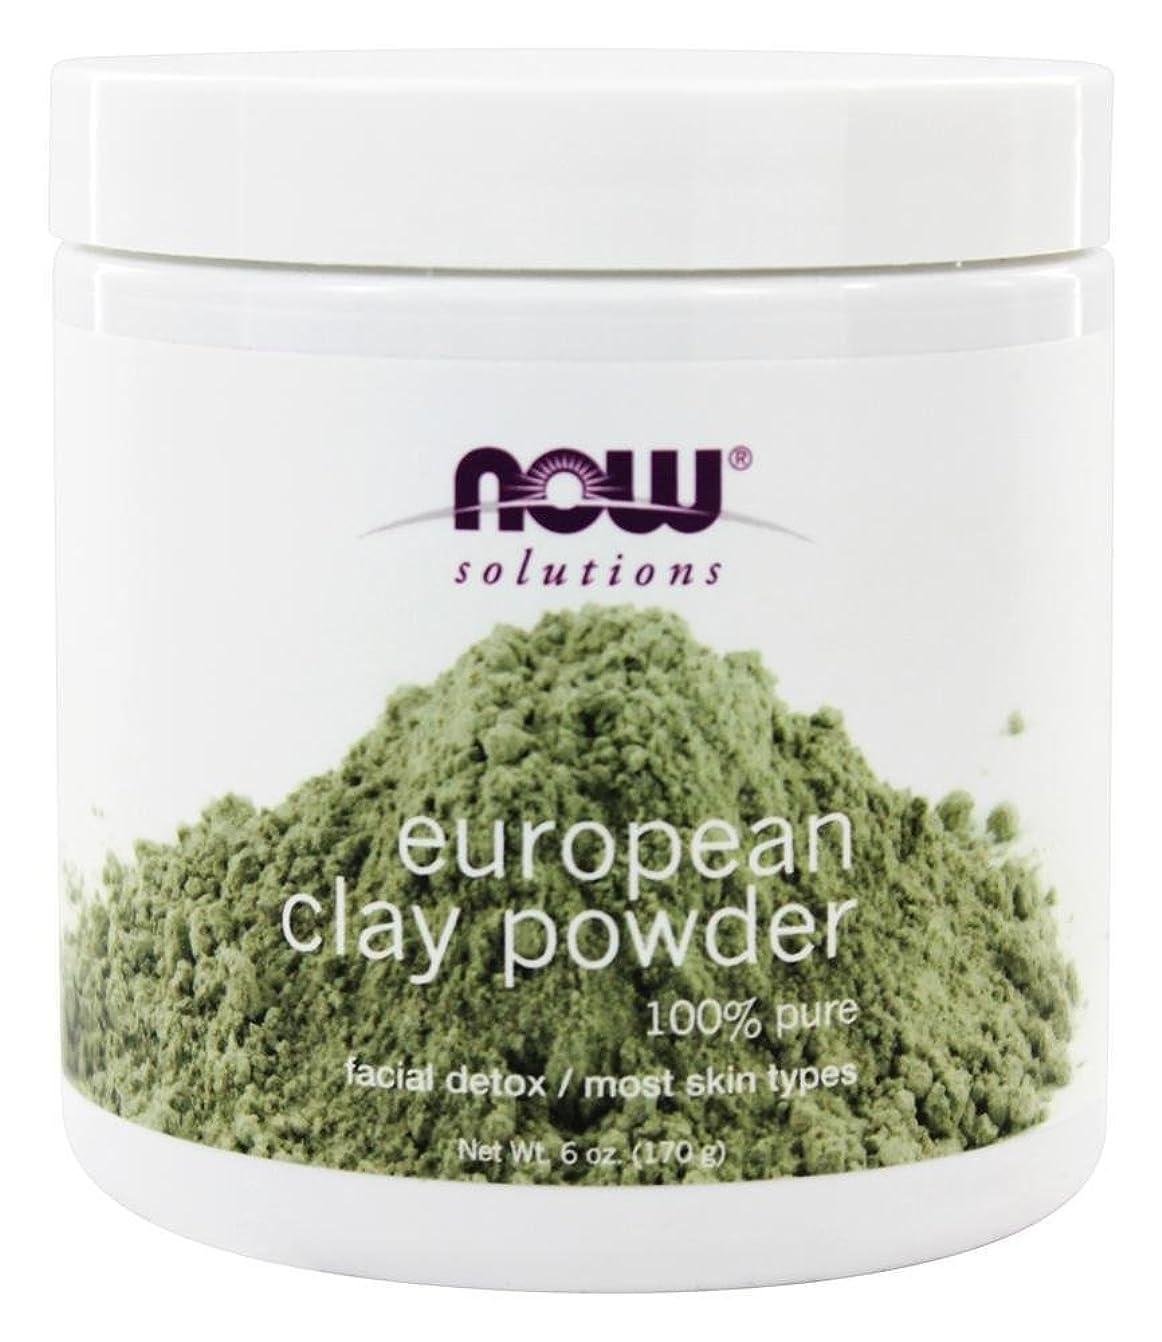 平和なリスキーな利得NOW Foods - ヨーロッパの粘土粉末 - 6ポンド [並行輸入品]